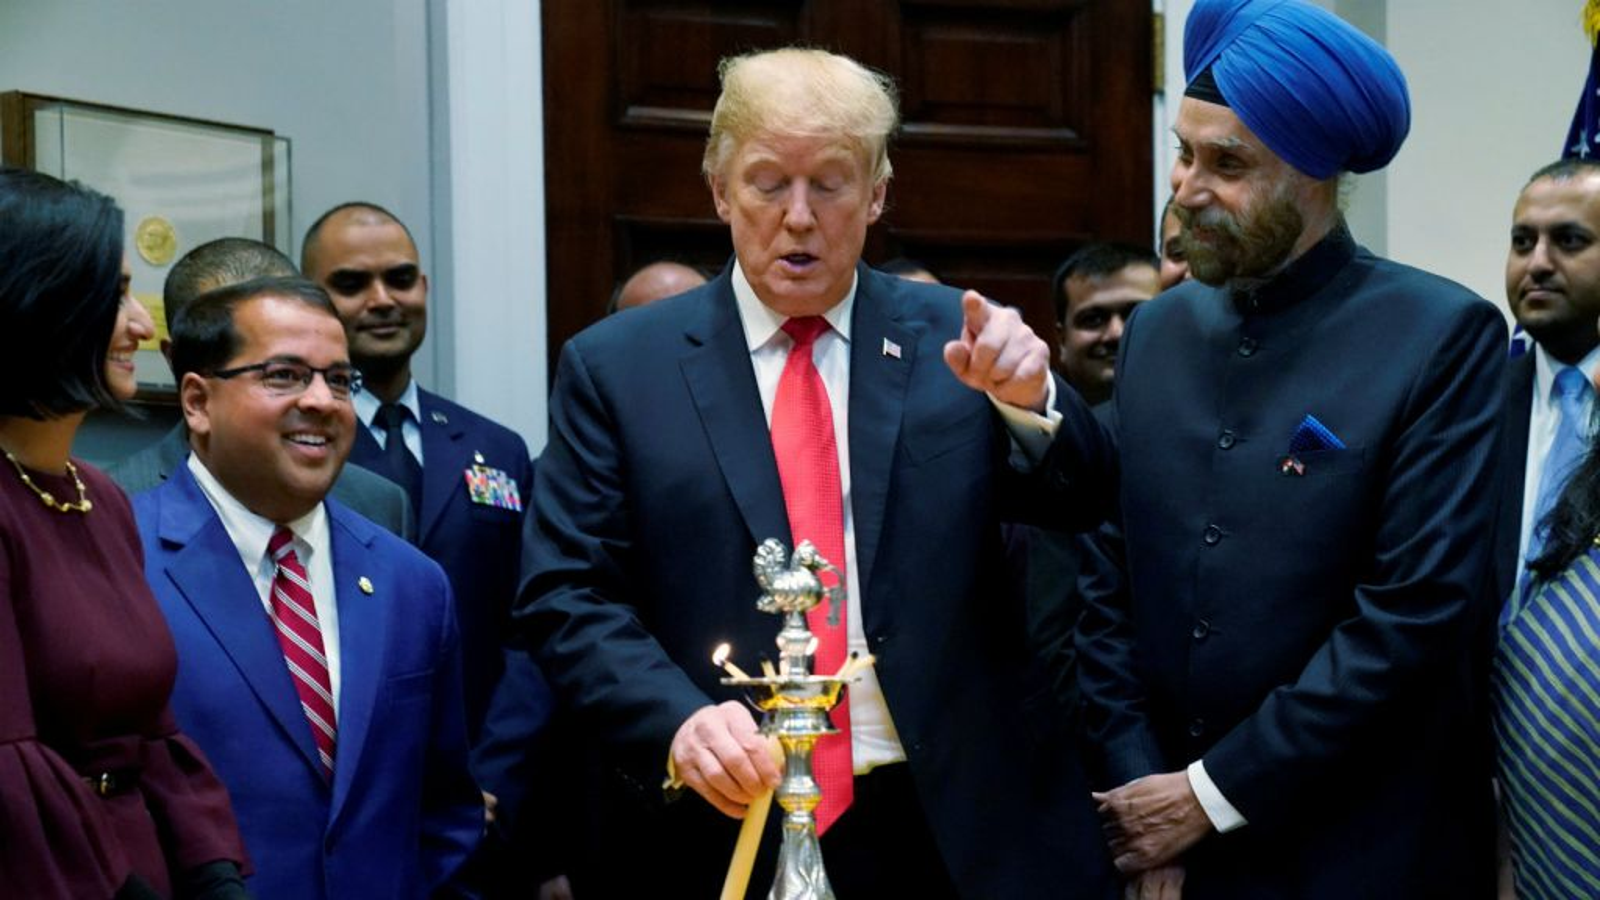 Diwali-White-House-Trump-India